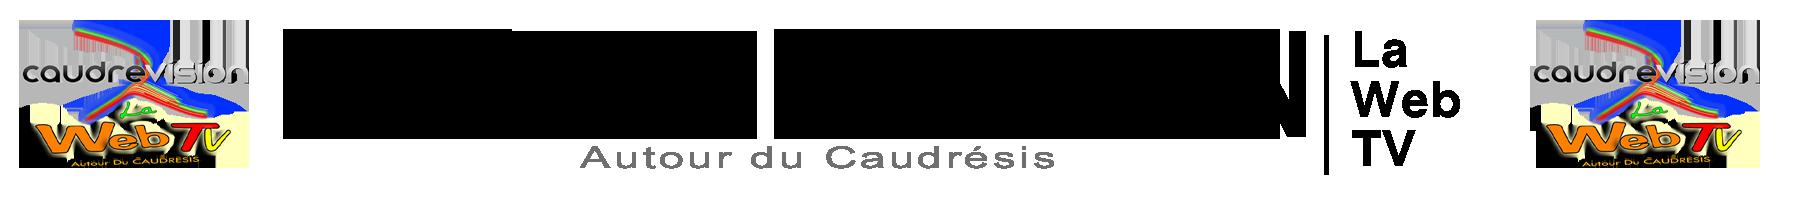 Caudrevision 2019 00 copie 1